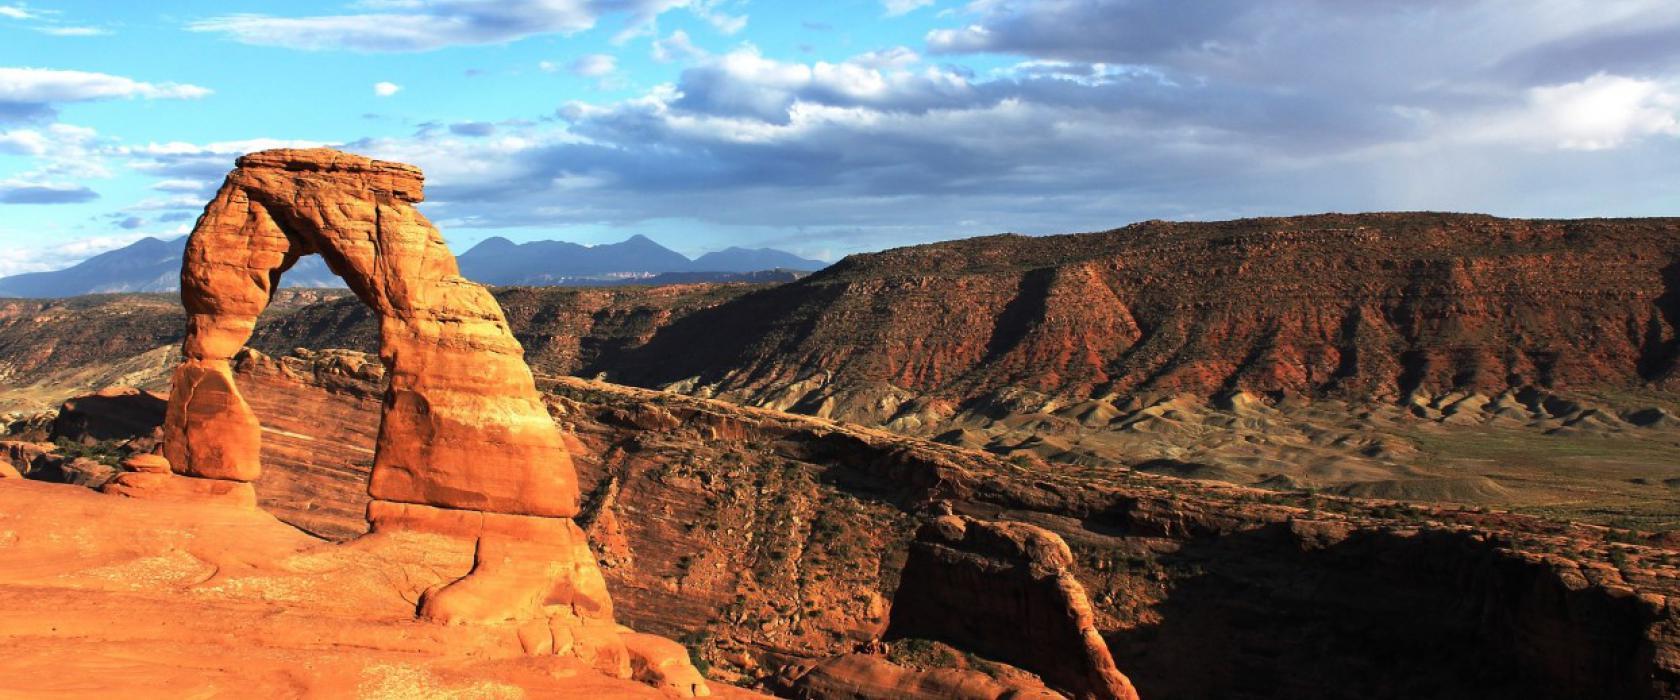 Arizona - Delicate Arch